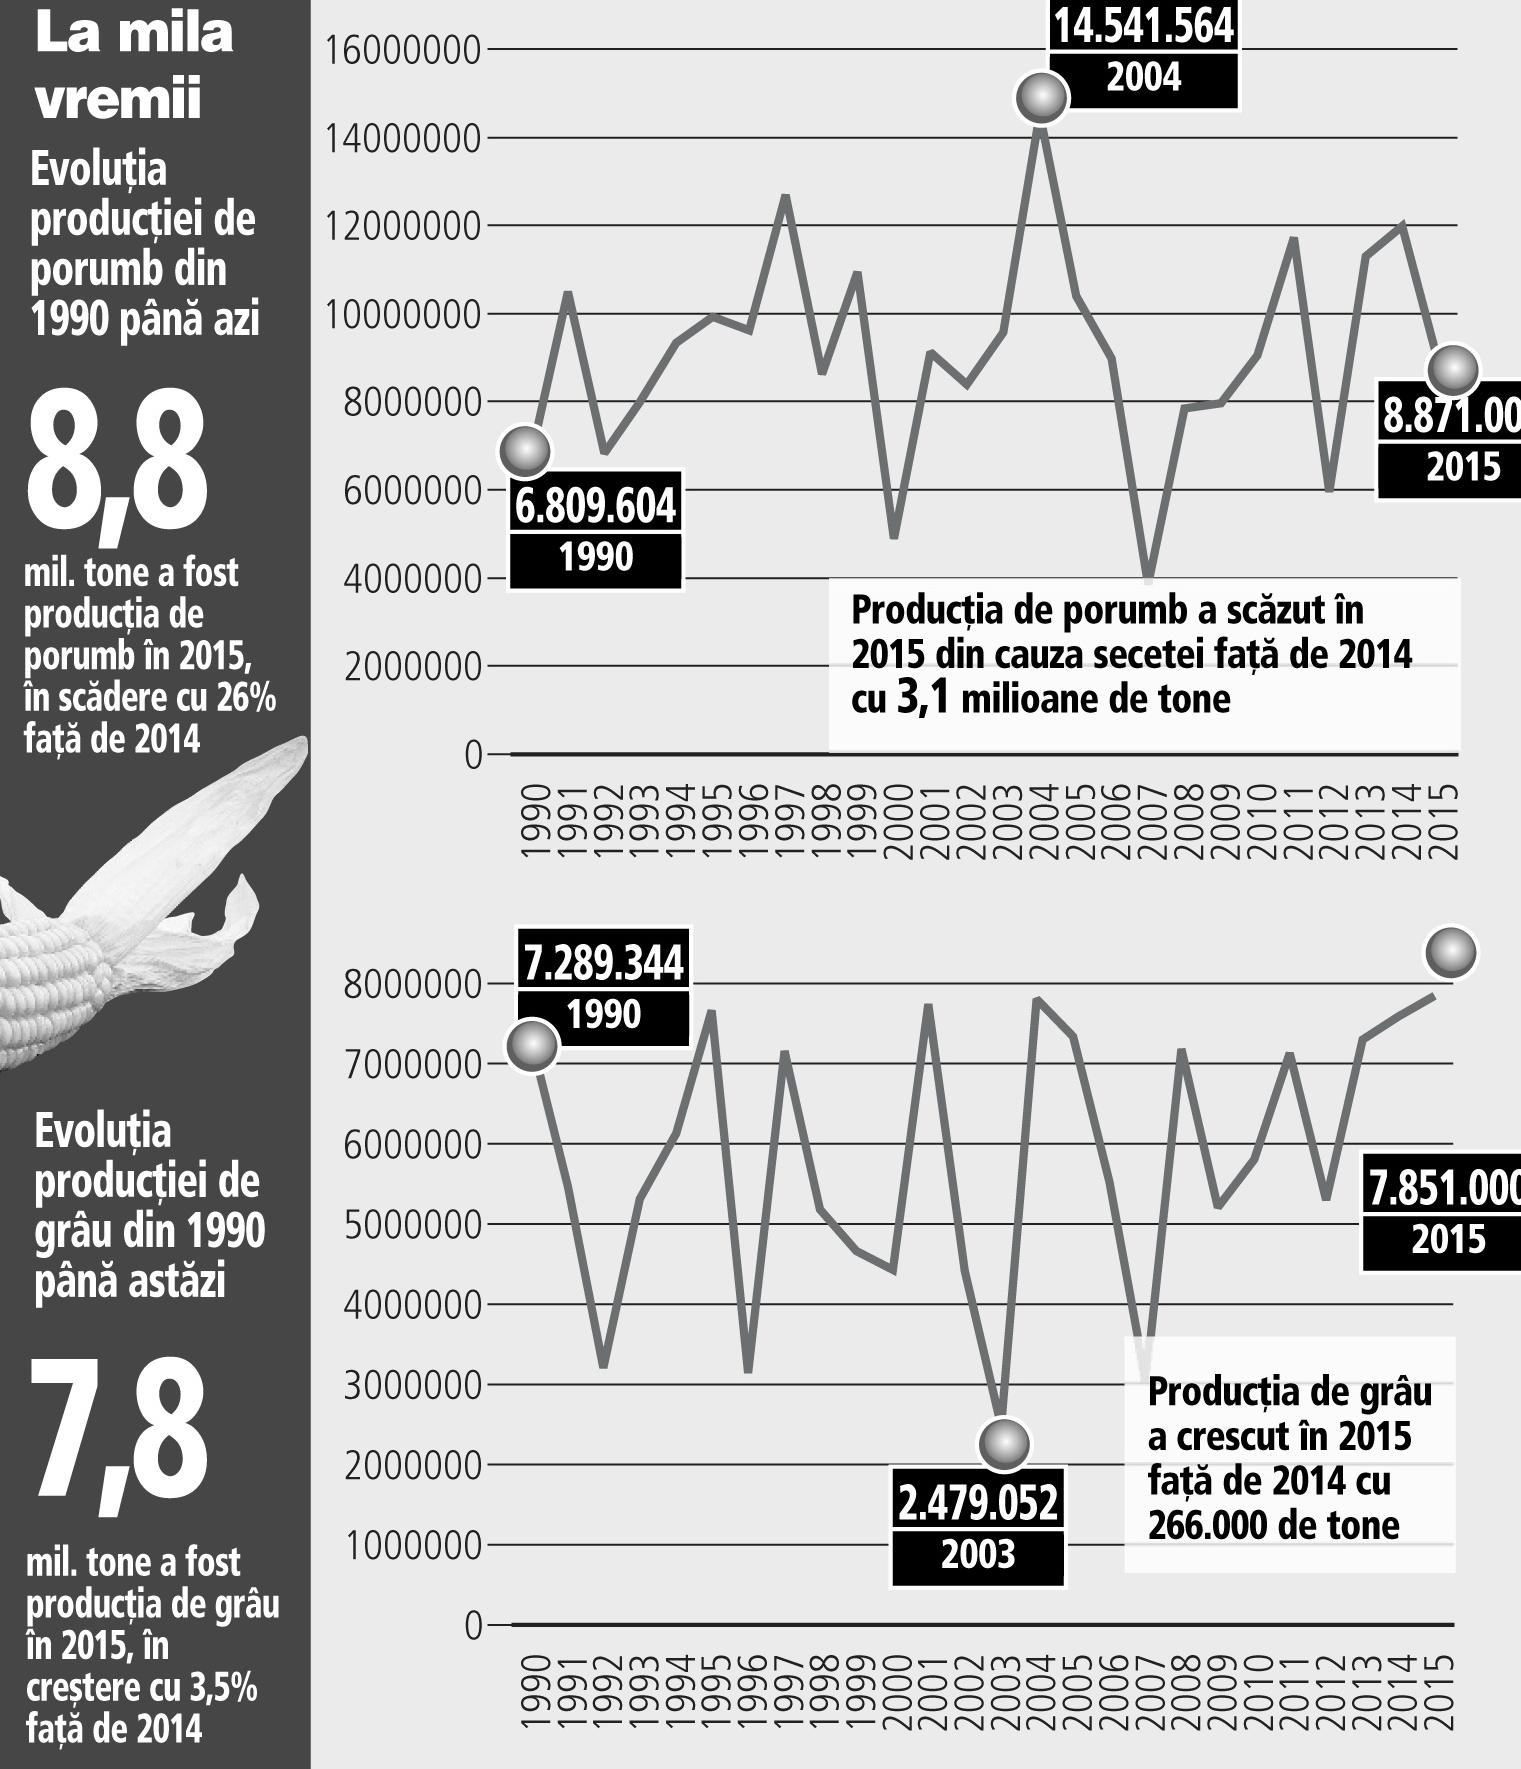 Evoluţia producţiei de porumb din 1990 până azi